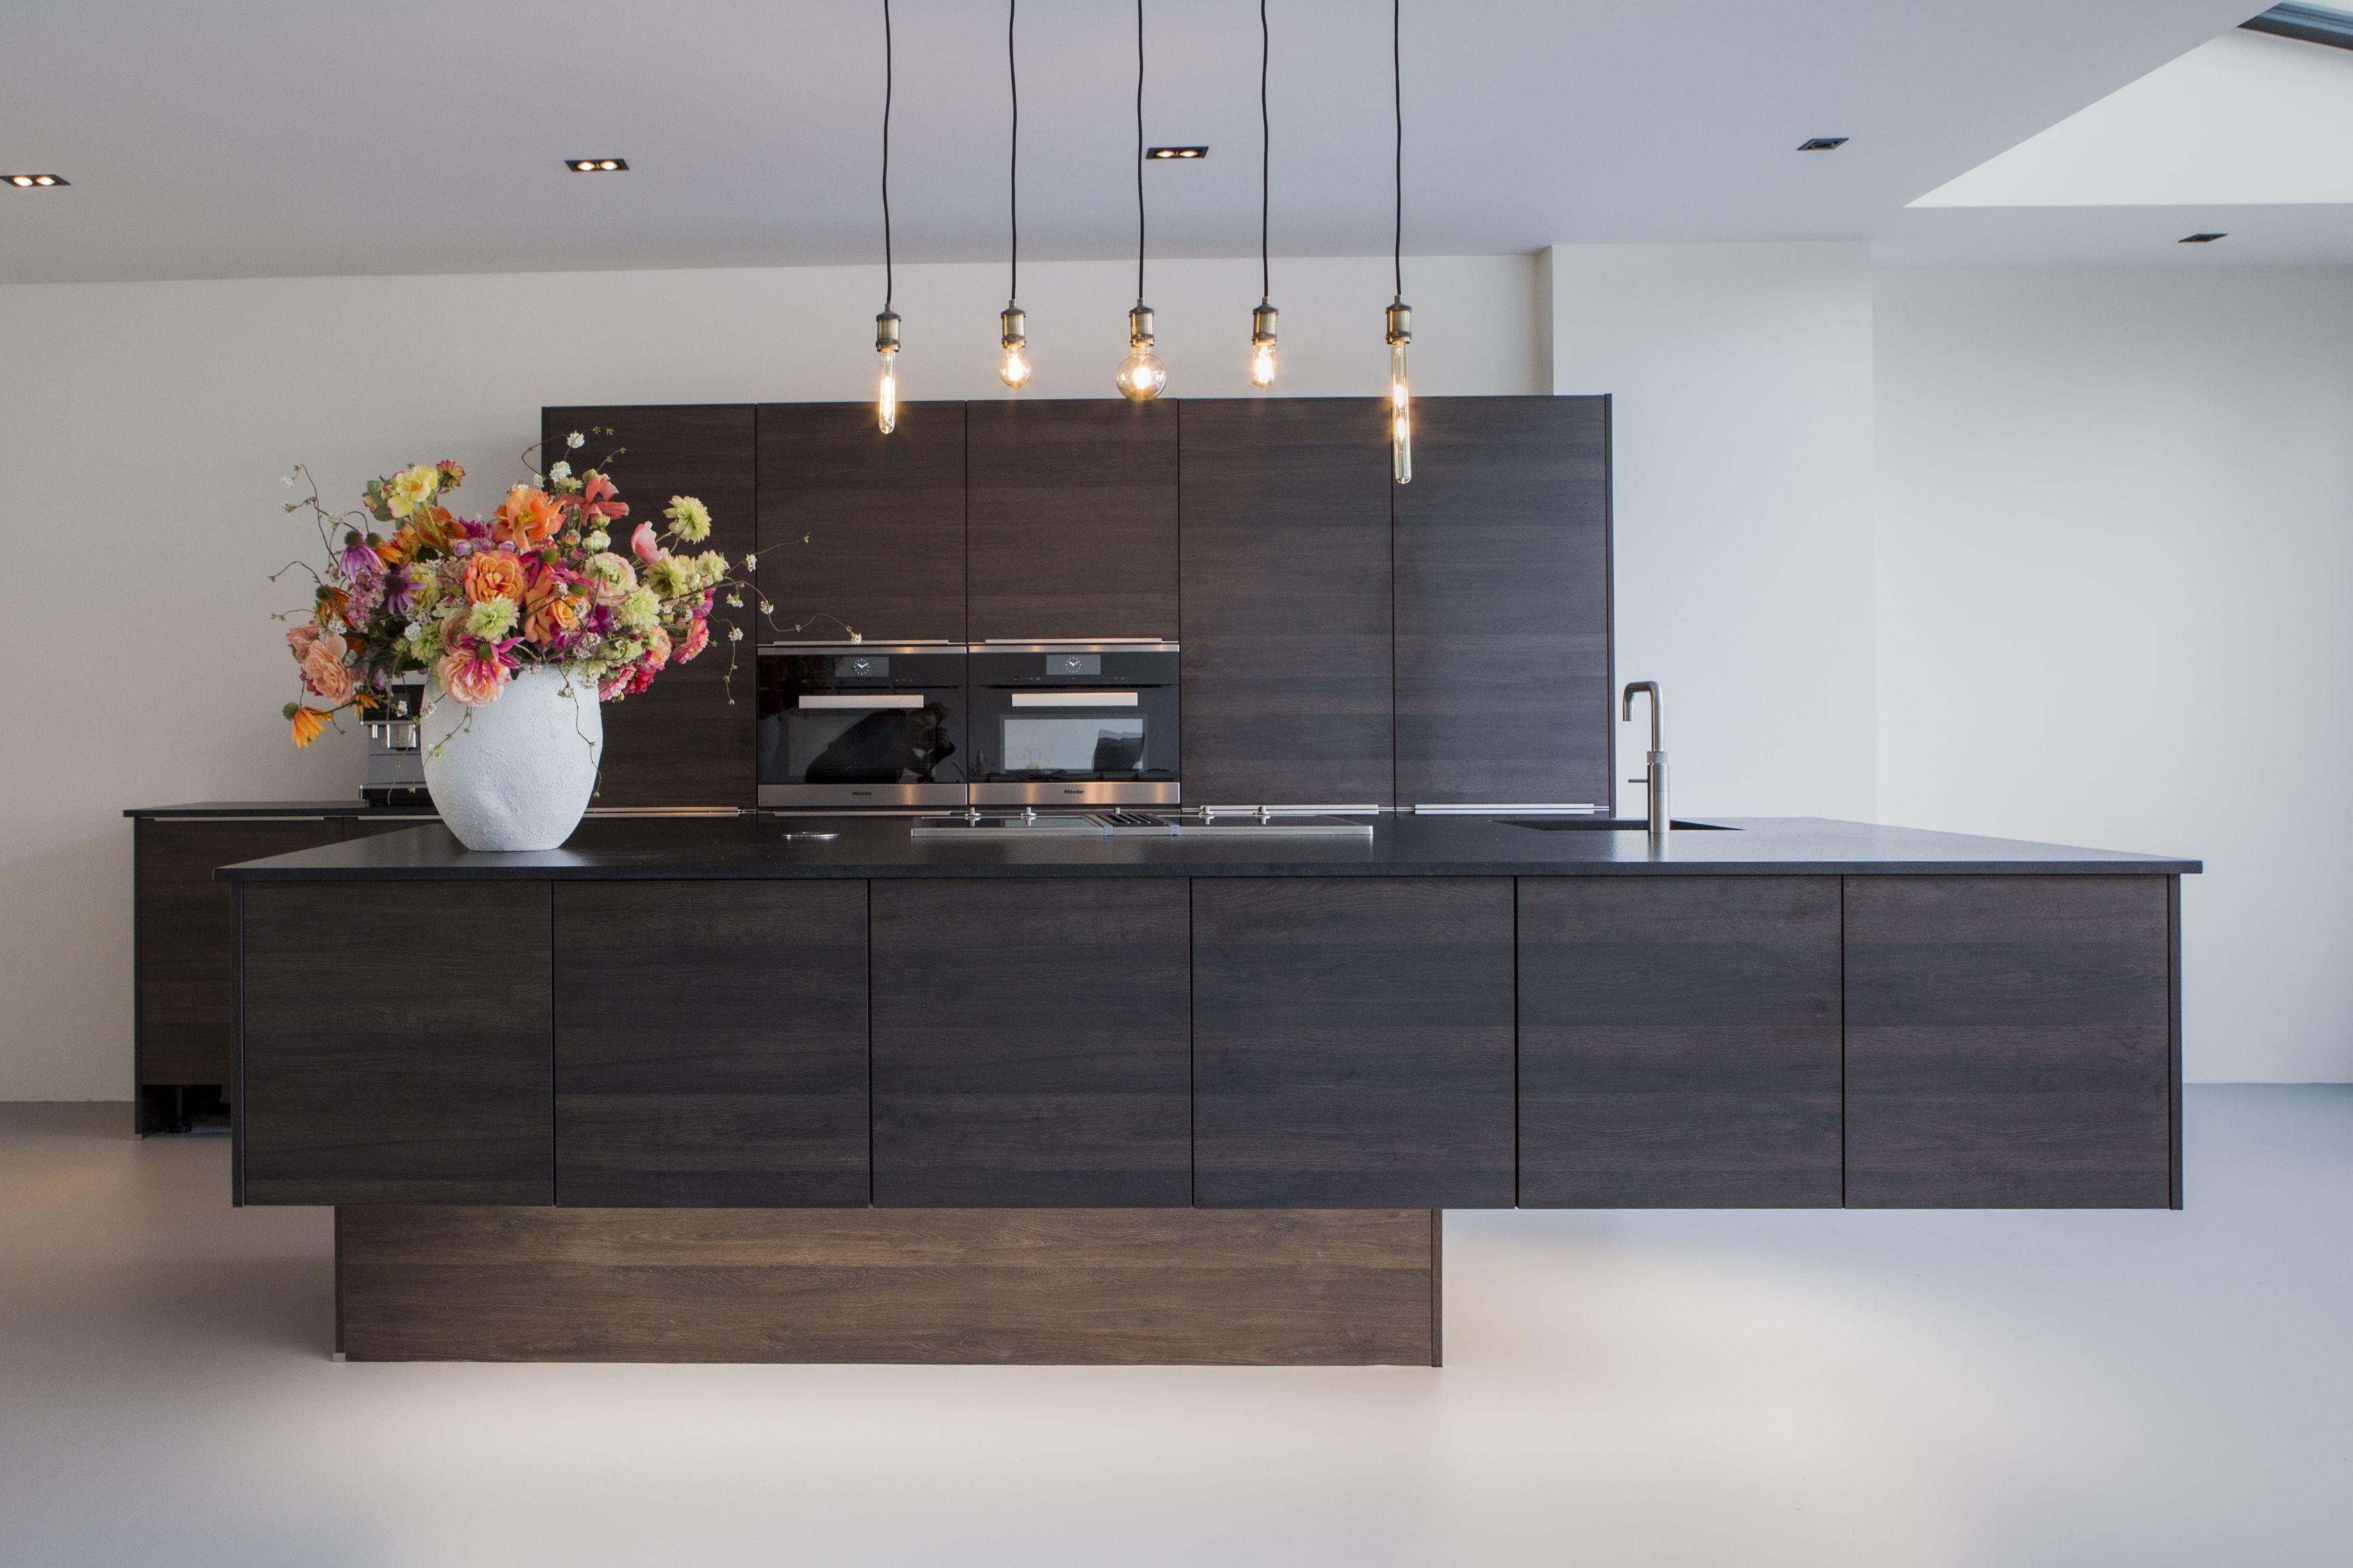 De zwevende keuken is de nieuwe trend die een extra dimensie geeft